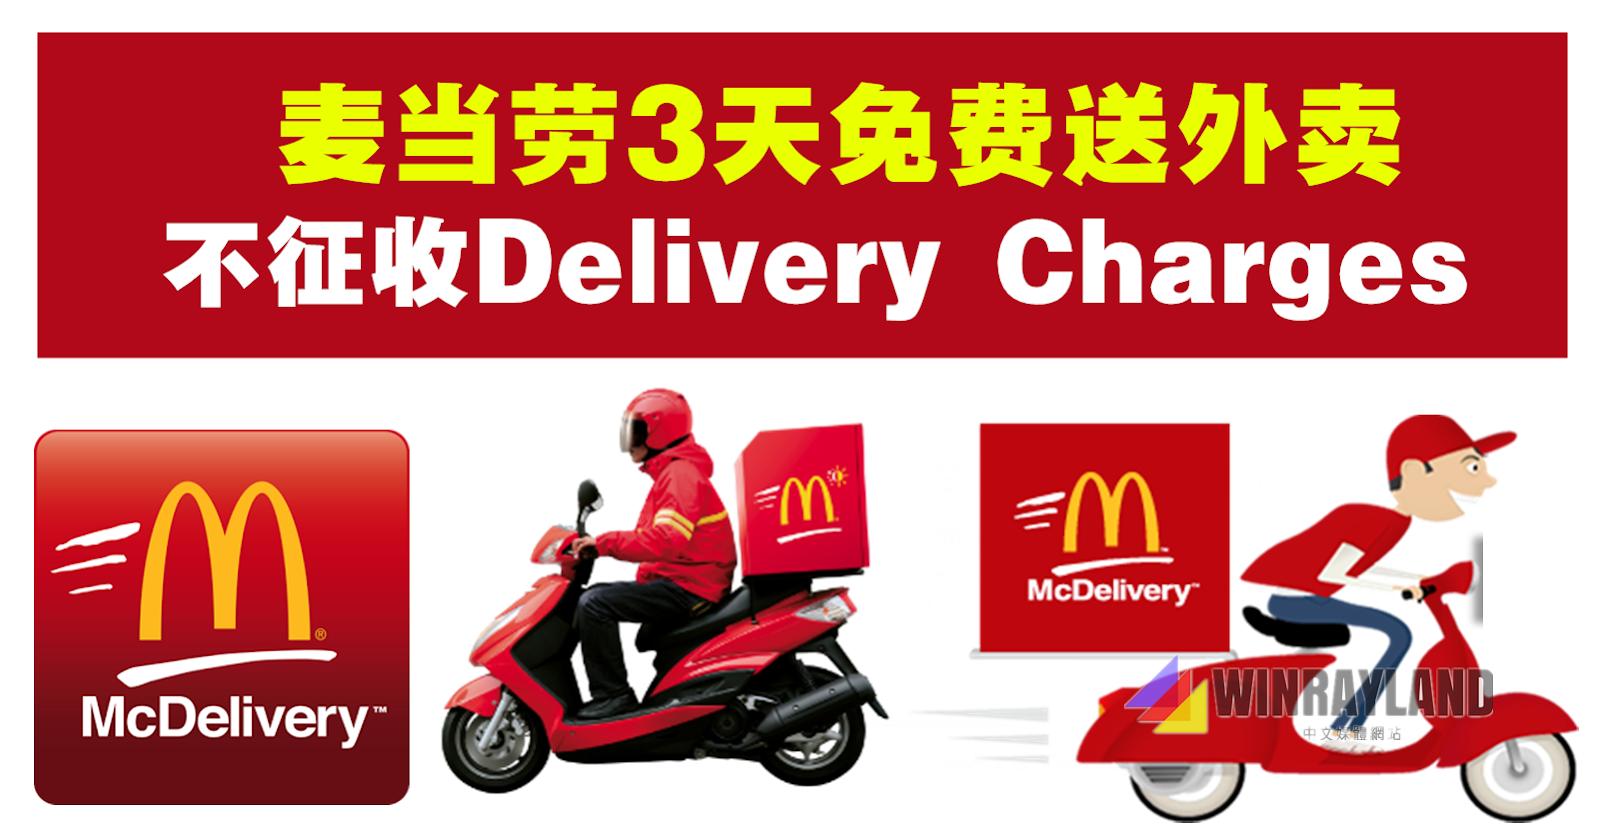 麥當勞3天免運費外賣優惠 - WINRAYLAND